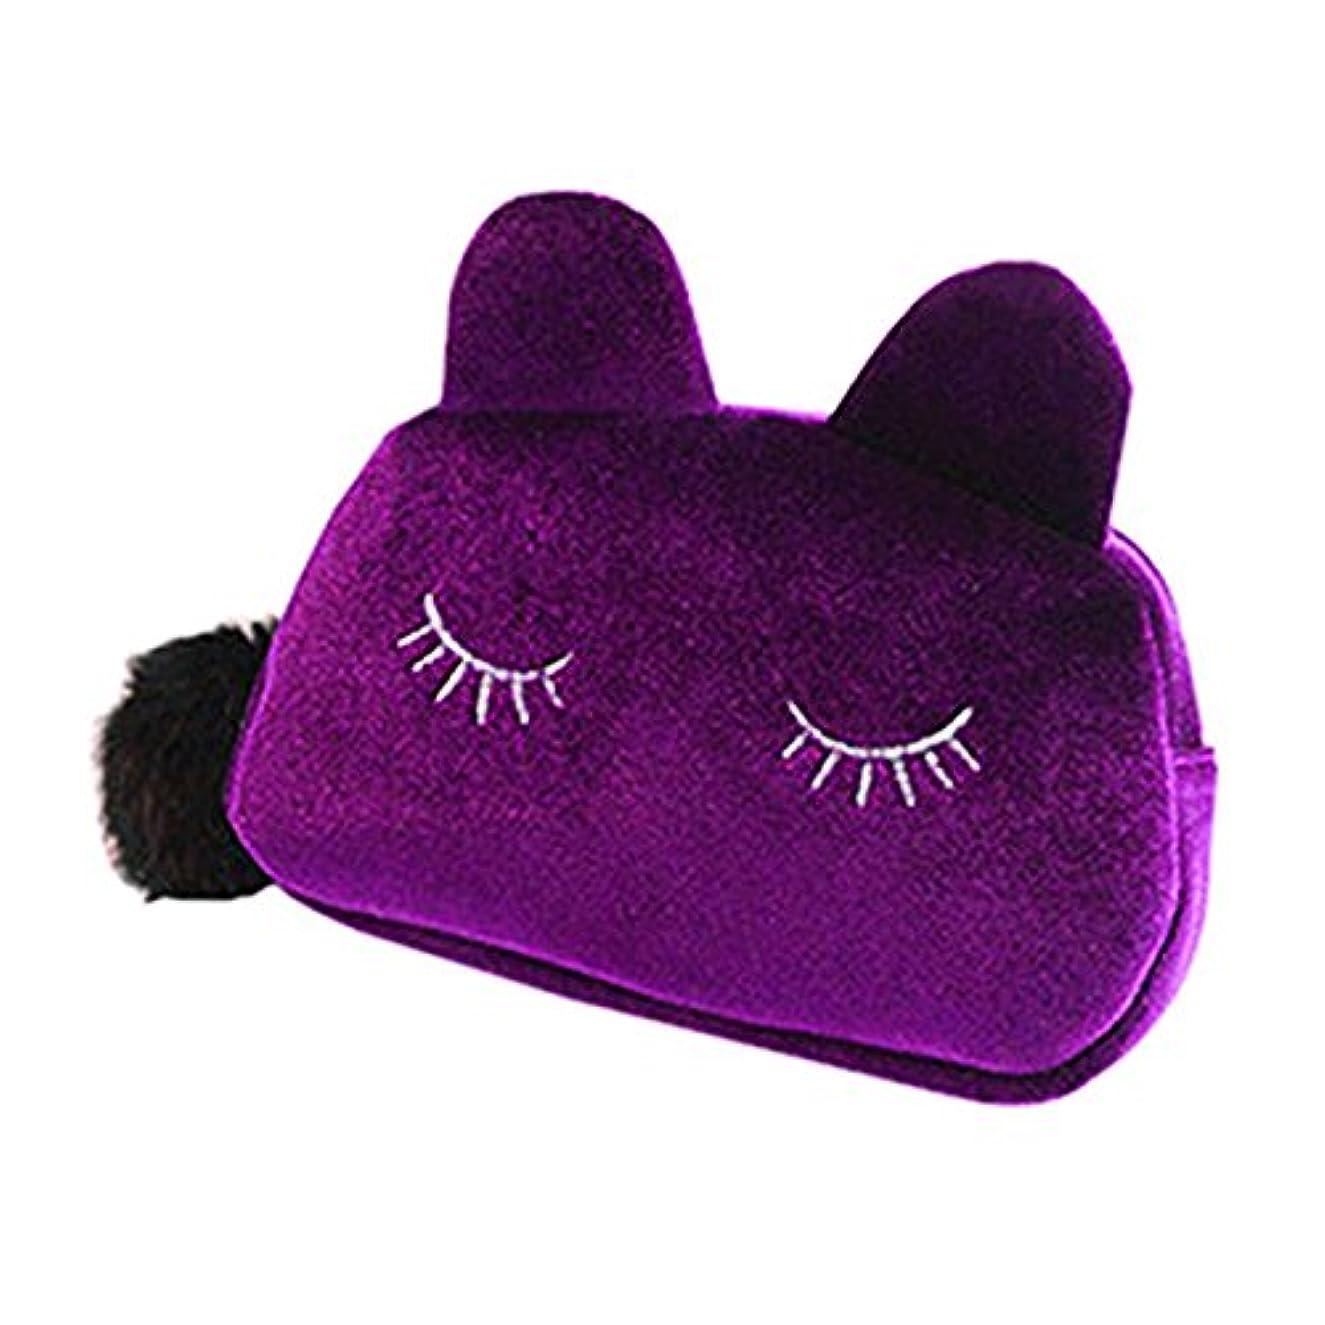 ストライプ口ひげ深遠猫 化粧ポーチ バニティベロア ポンポン付き パープル